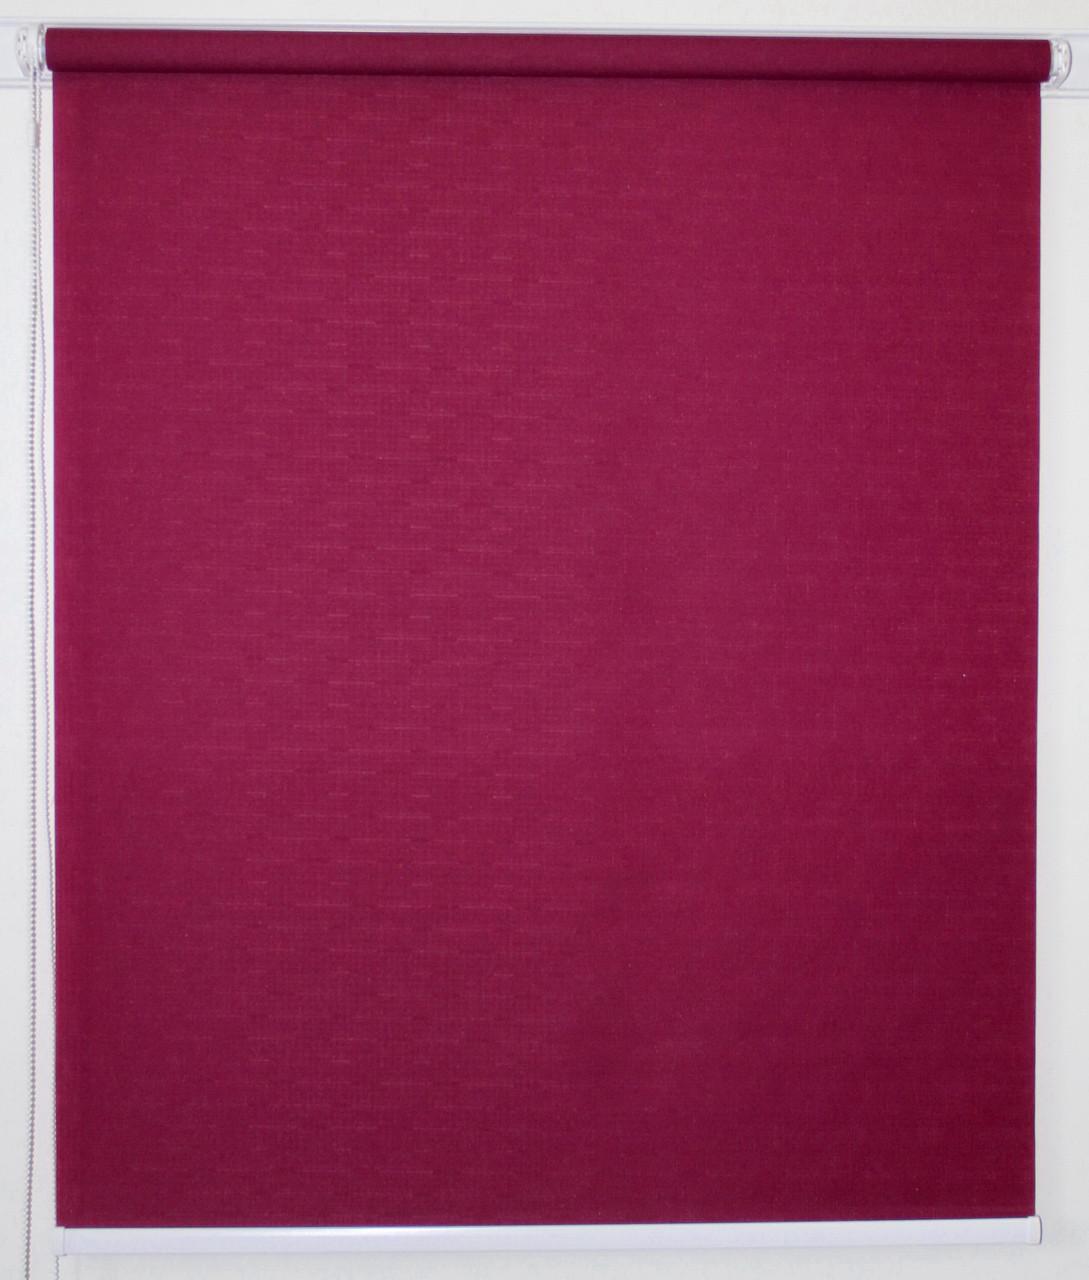 Готовые рулонные шторы 1000*1500 Ткань Лён 7435 Фуксия